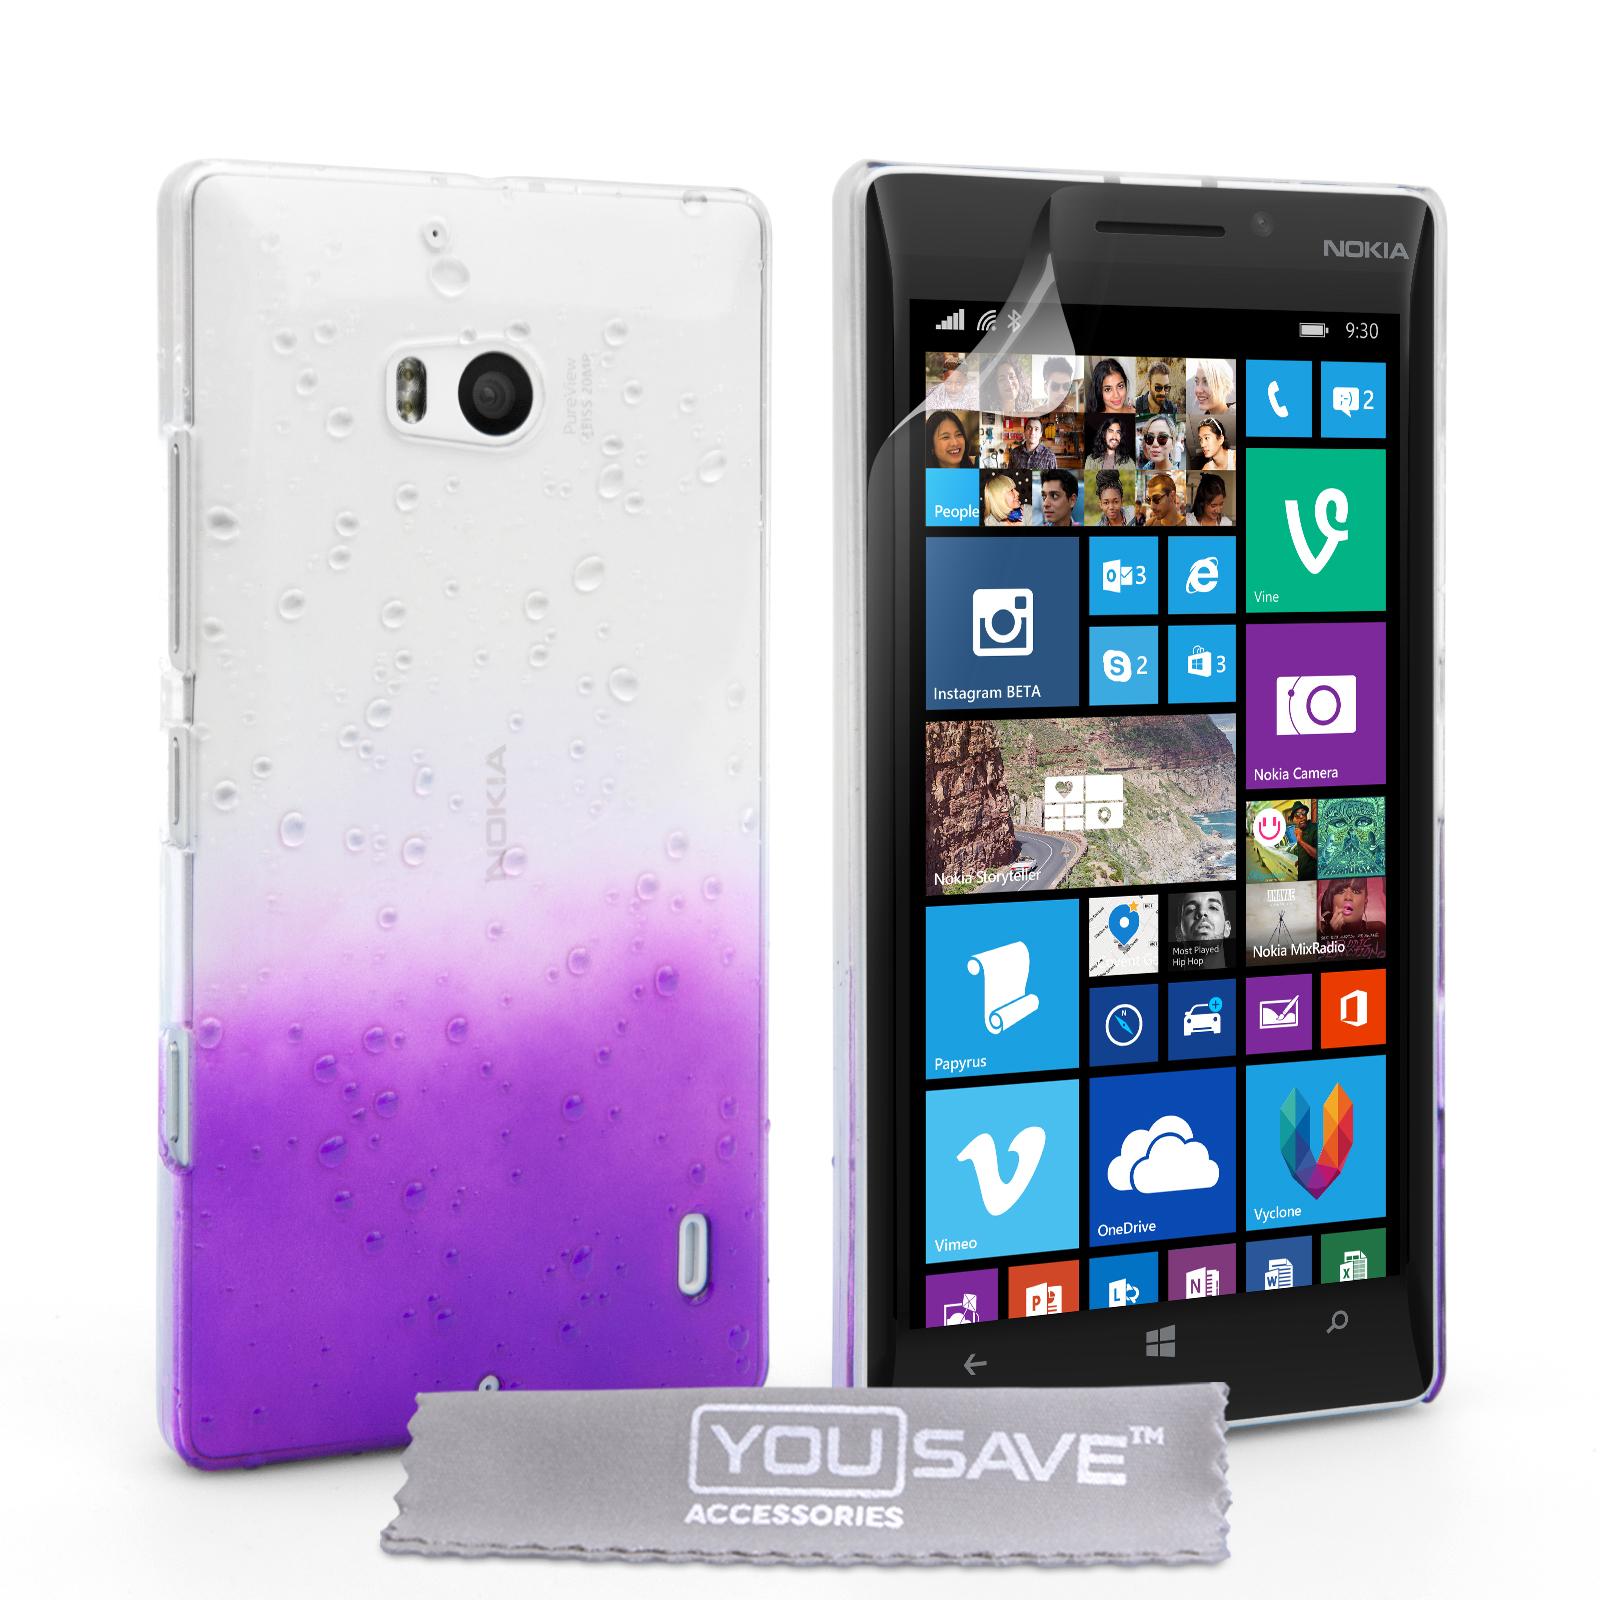 Θήκη Nokia Lumia 930 by YouSave (Z618)